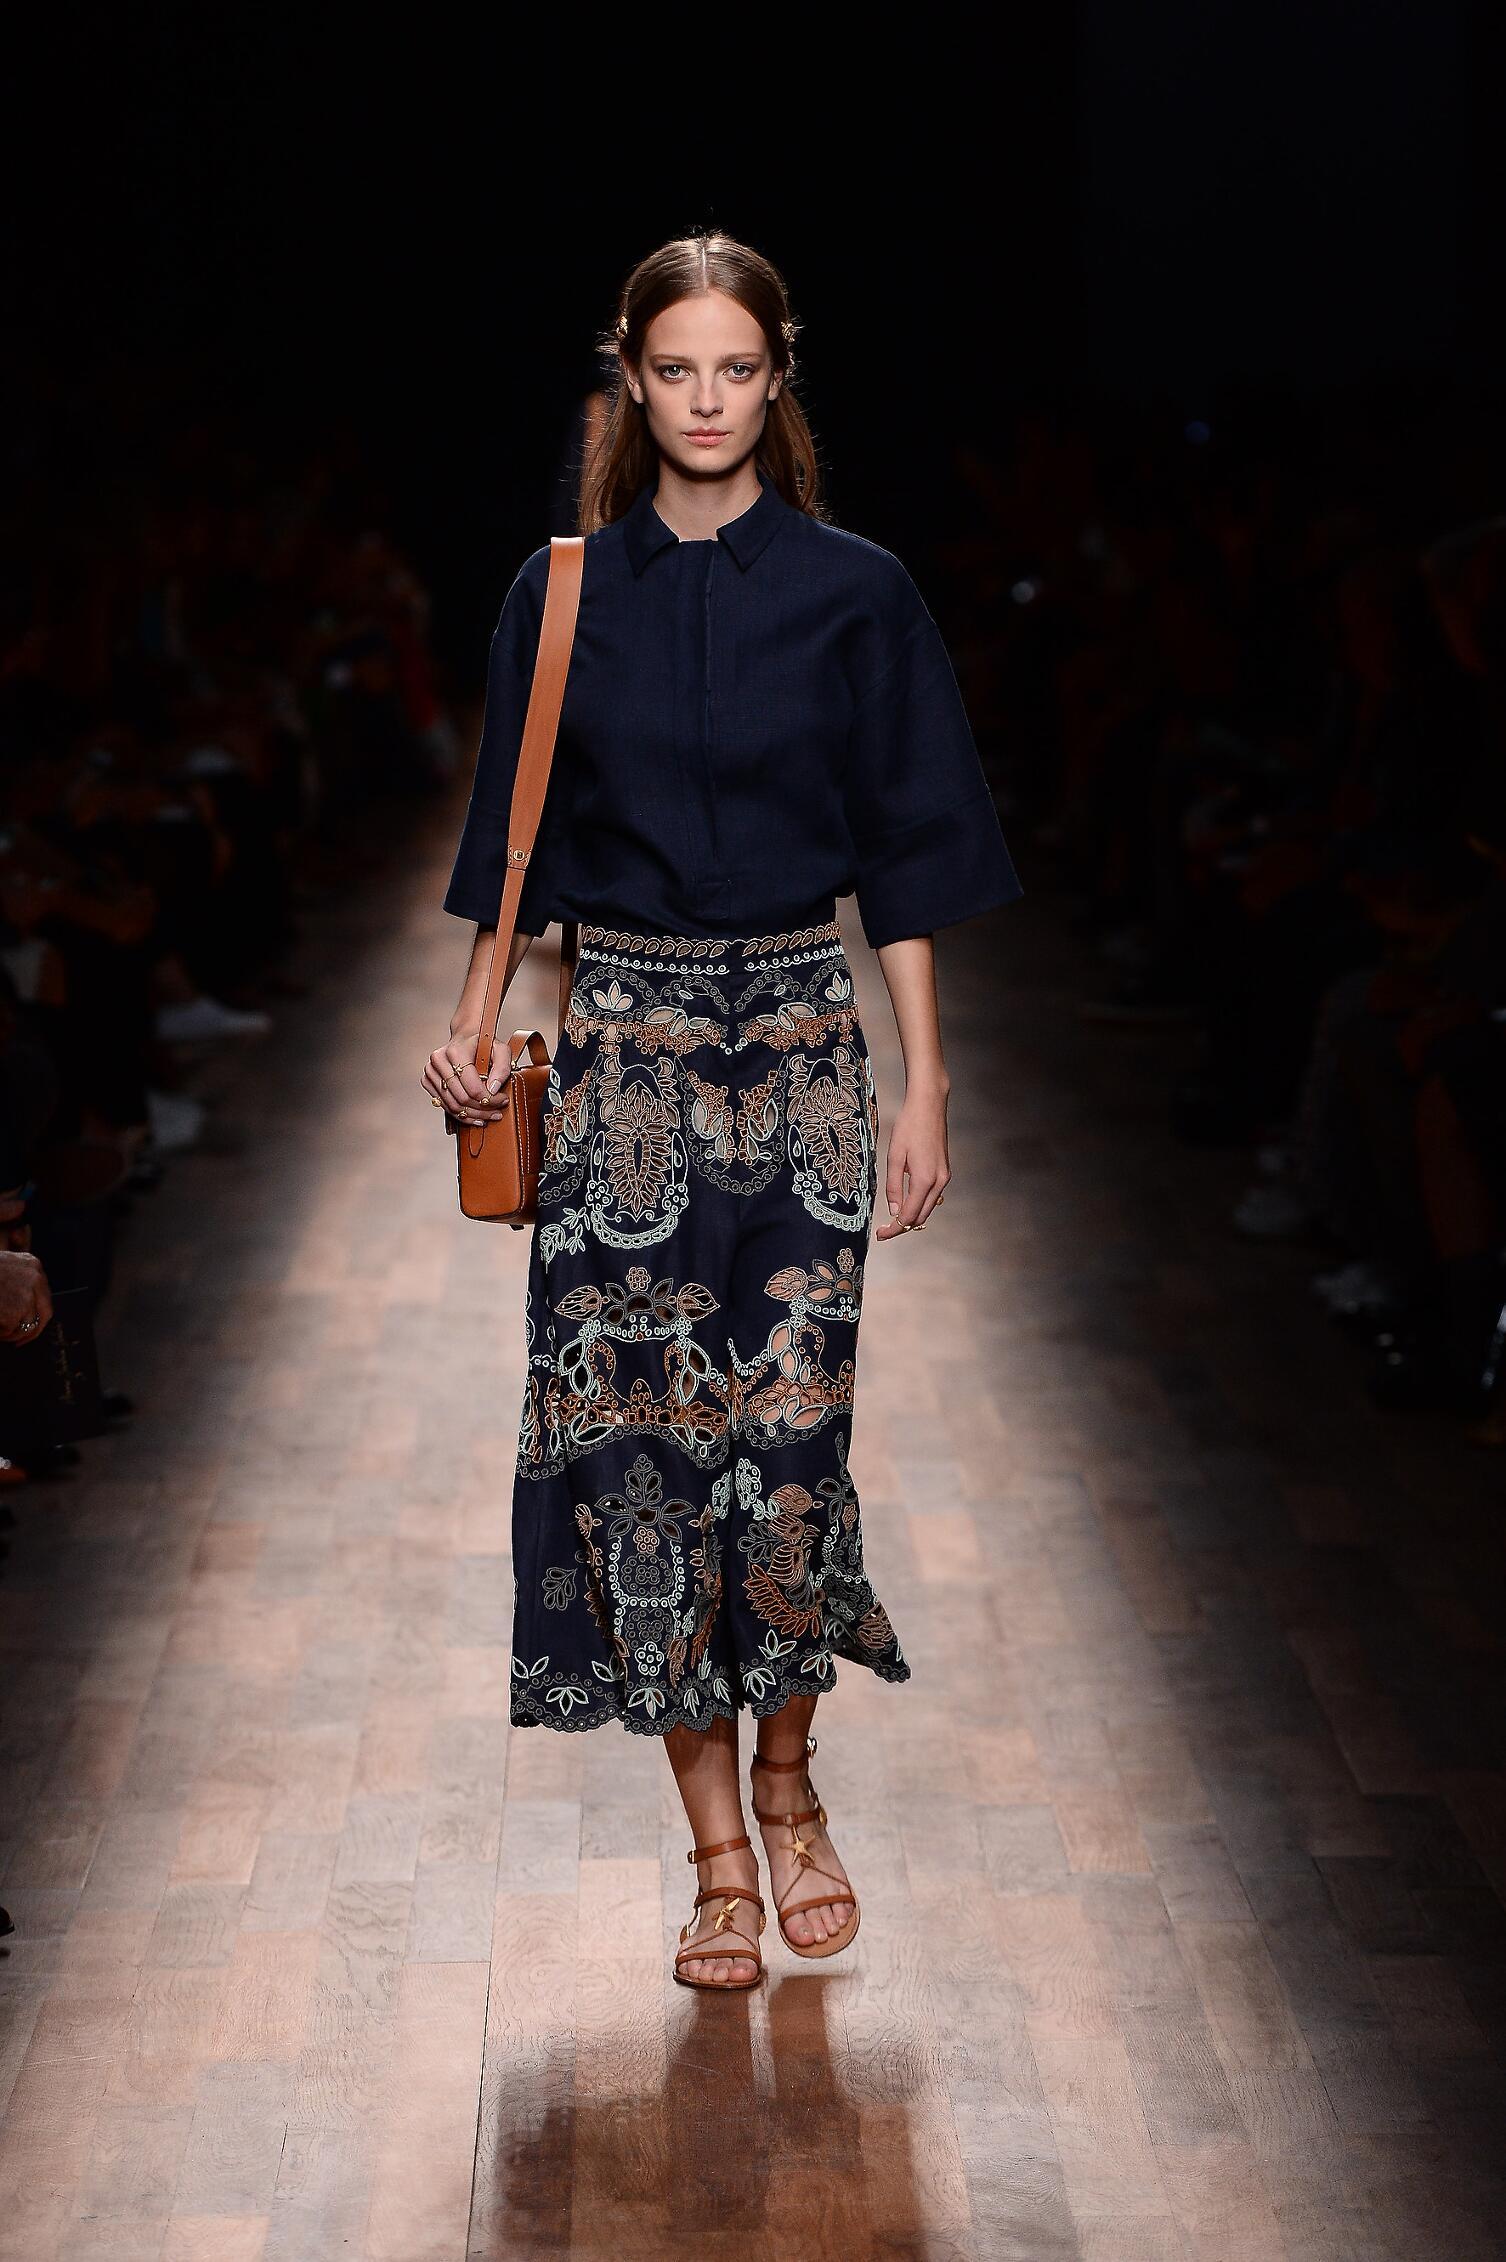 Models Fashion Show Valentino